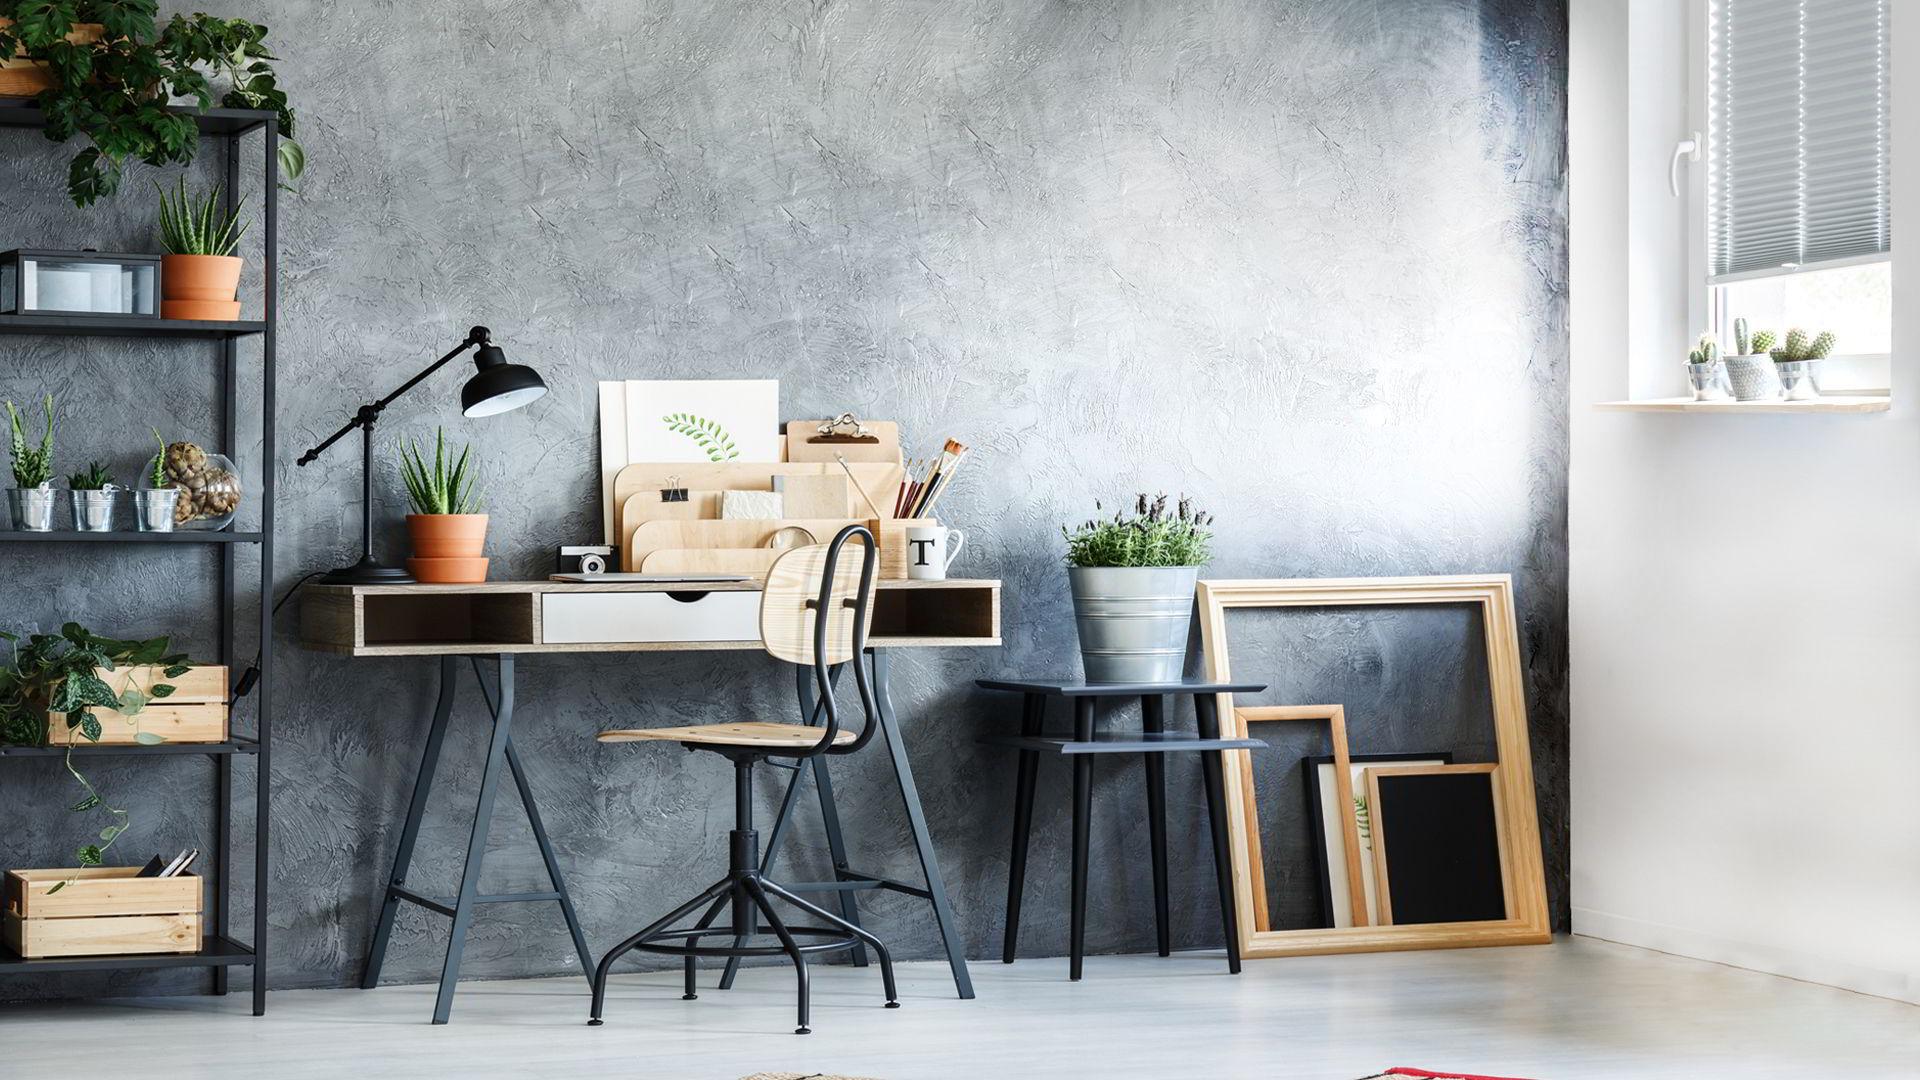 pared-habitacion-microcemento Como decorar una habitación pequeña